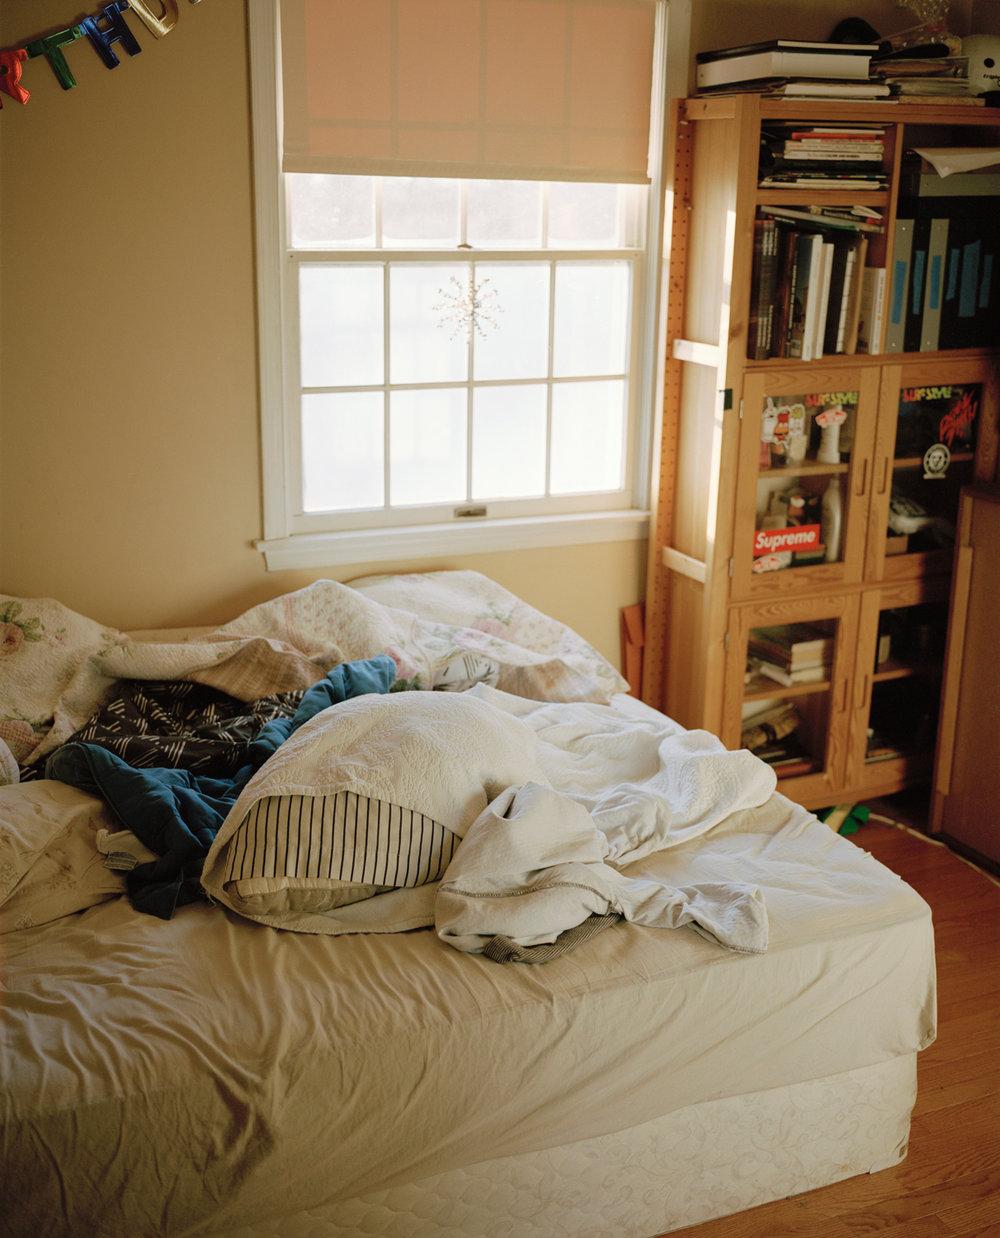 13-my room.jpg